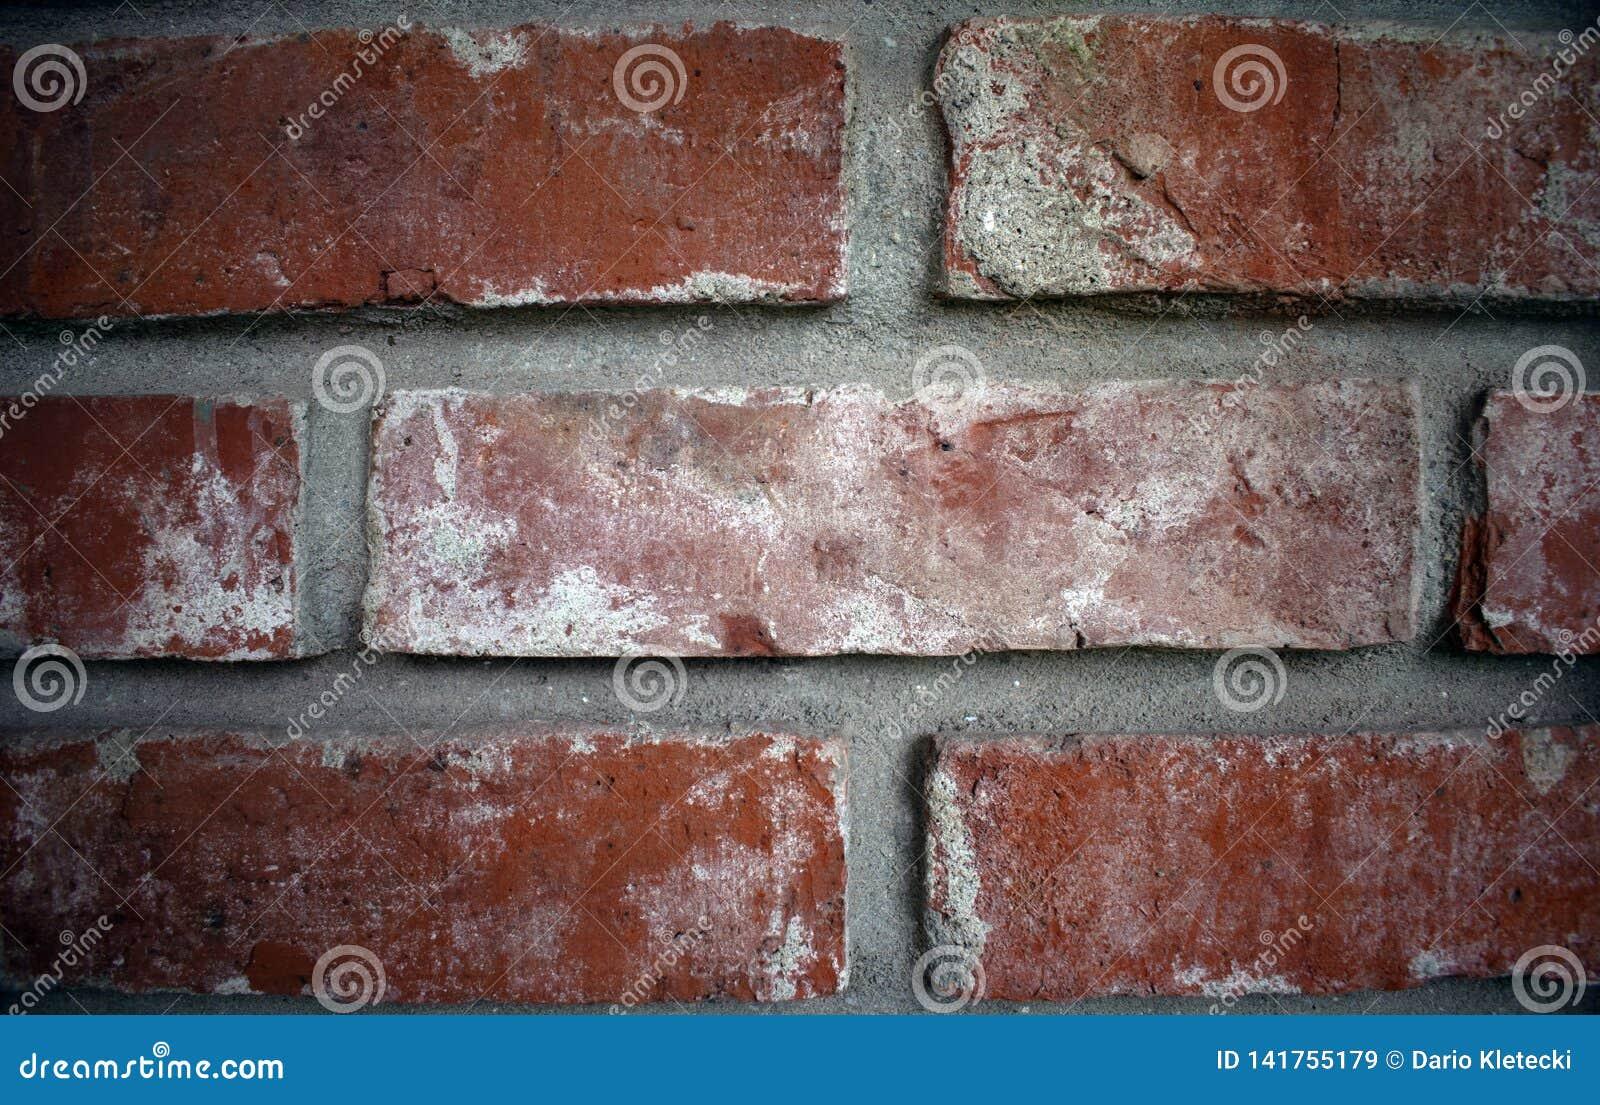 Feche acima de uma parede de tijolo, diferença larga entre tijolos